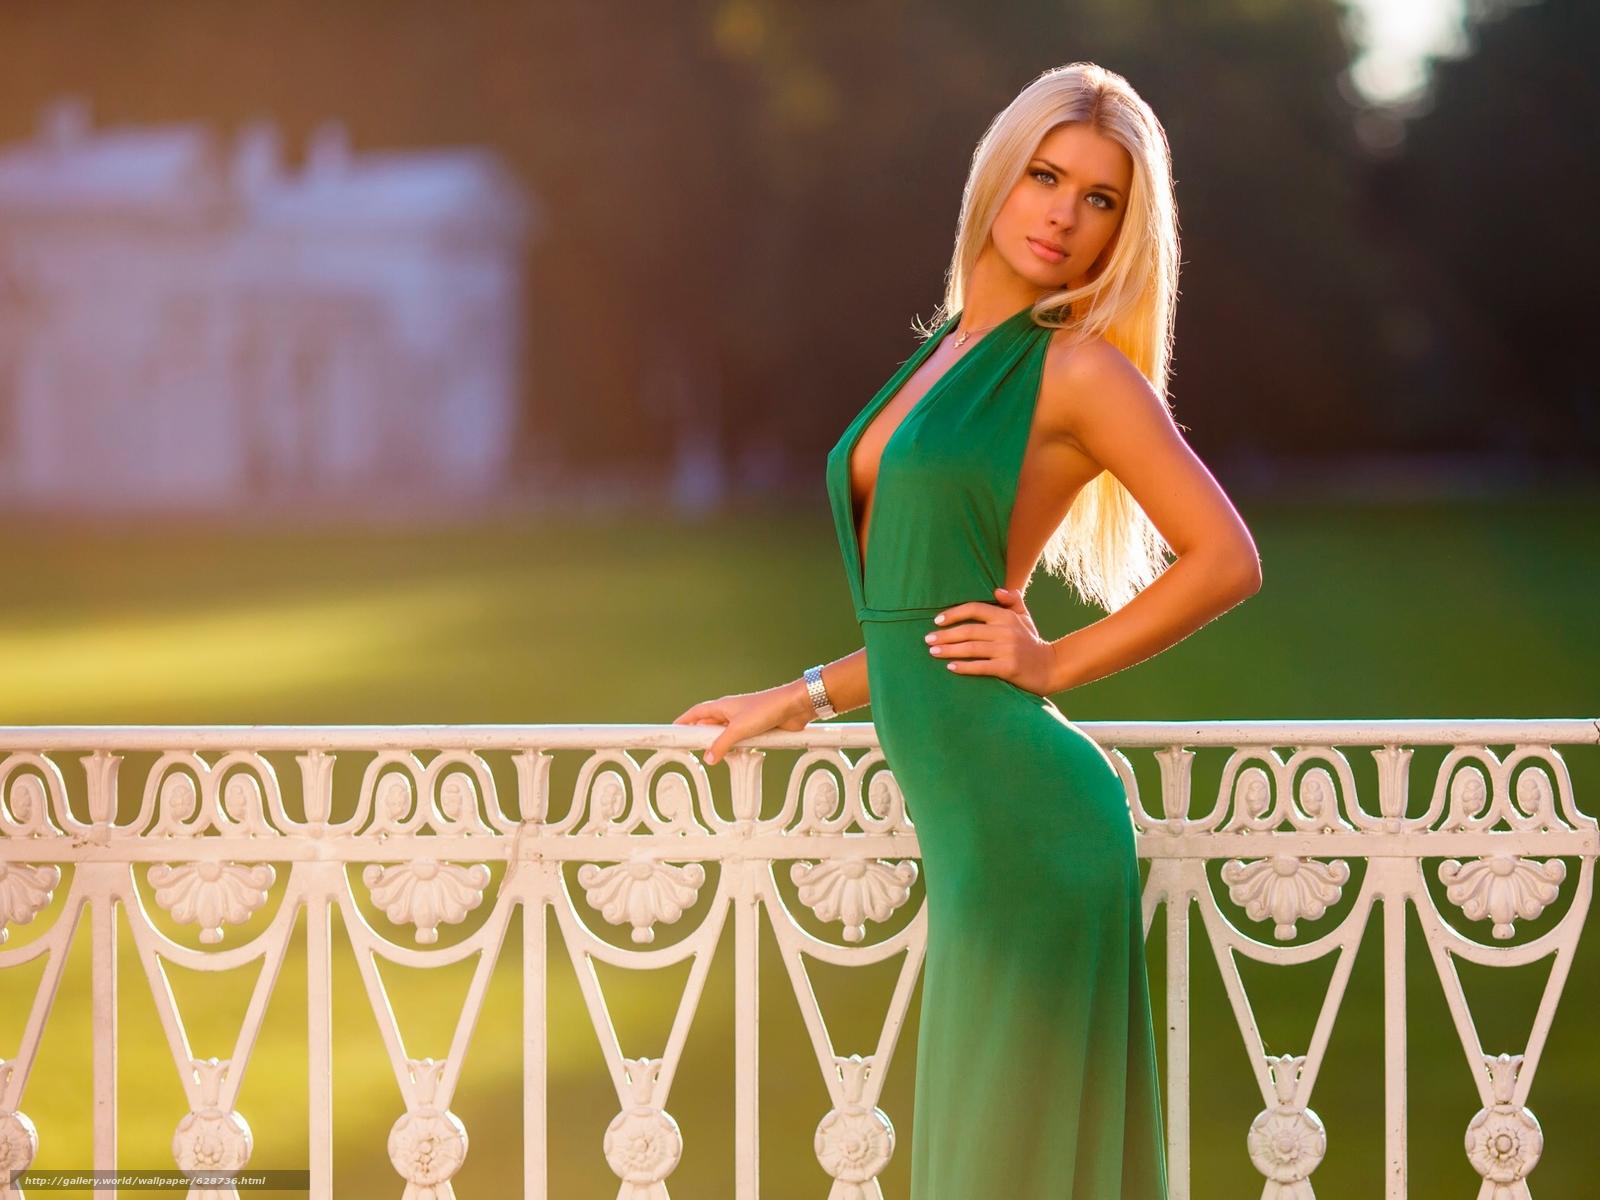 блондинка, модель, поза, фигура, платье, взгляд, стиль